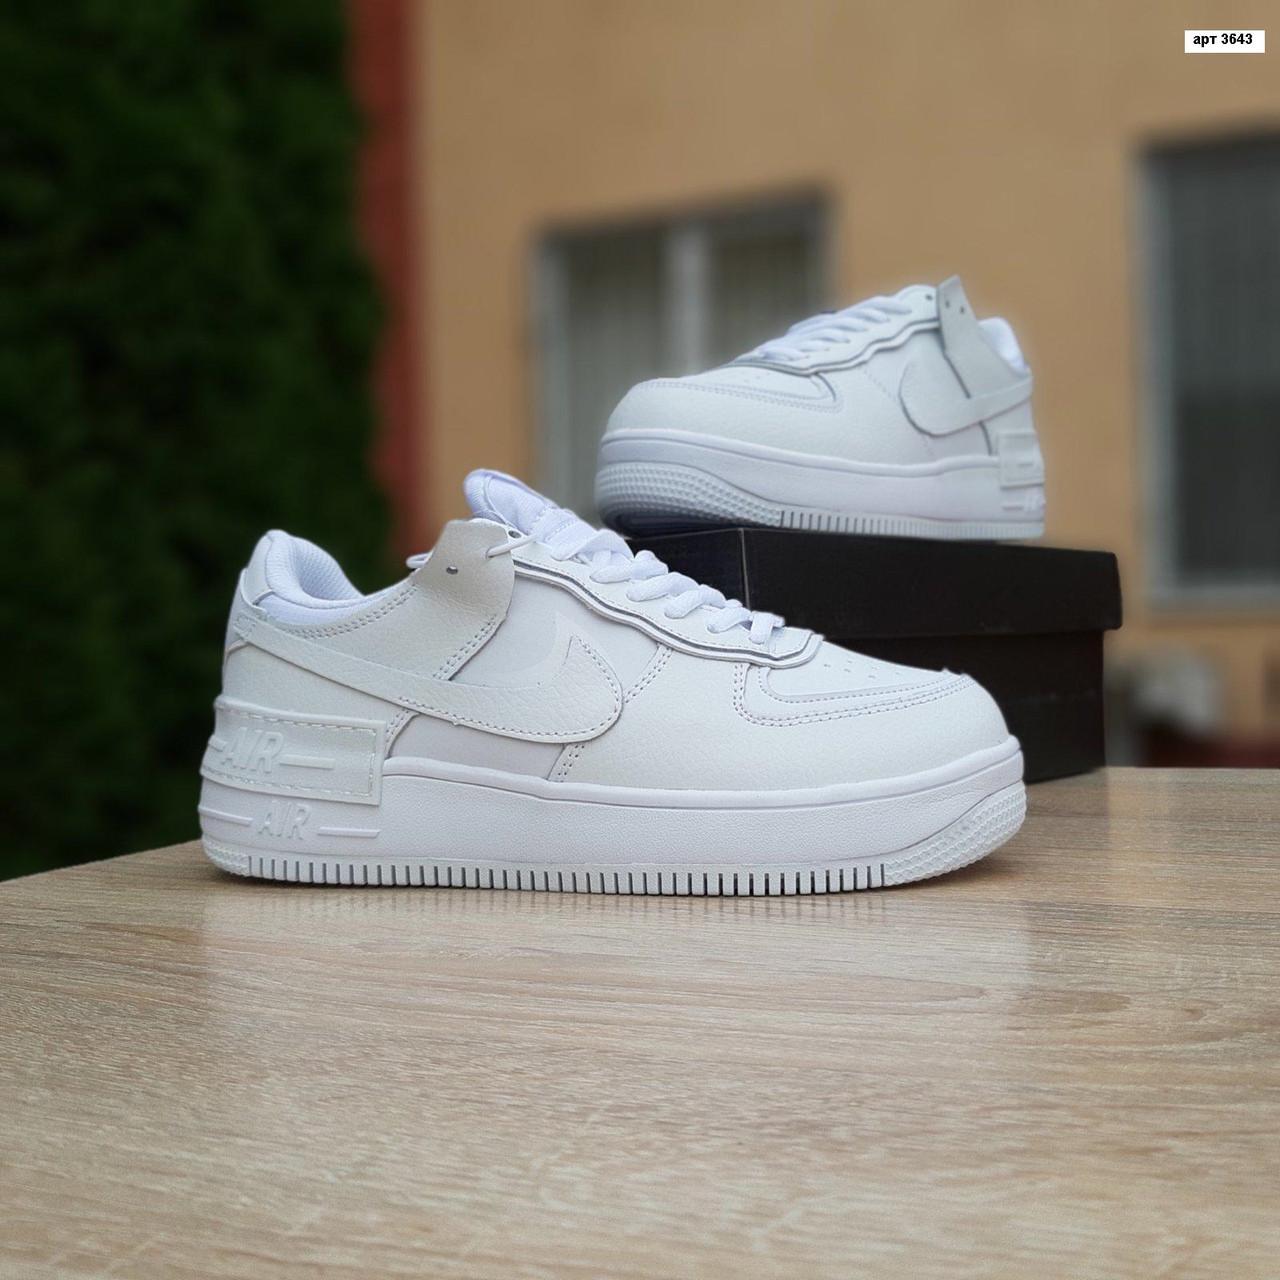 Женские зимние кроссовки Nike Air Force 1 Shadow (белые) 3643